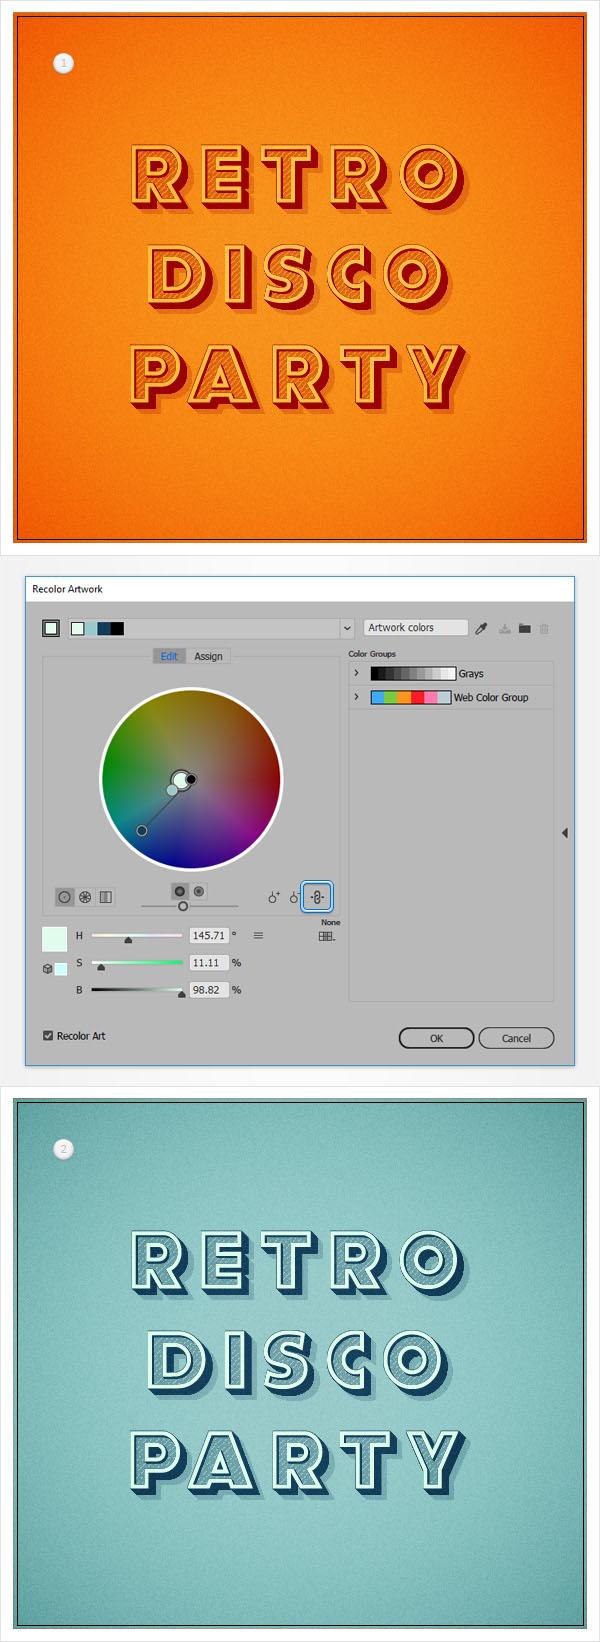 Cách tạo hiệu ứng văn bản cổ điển trong Adobe Illustrator 15